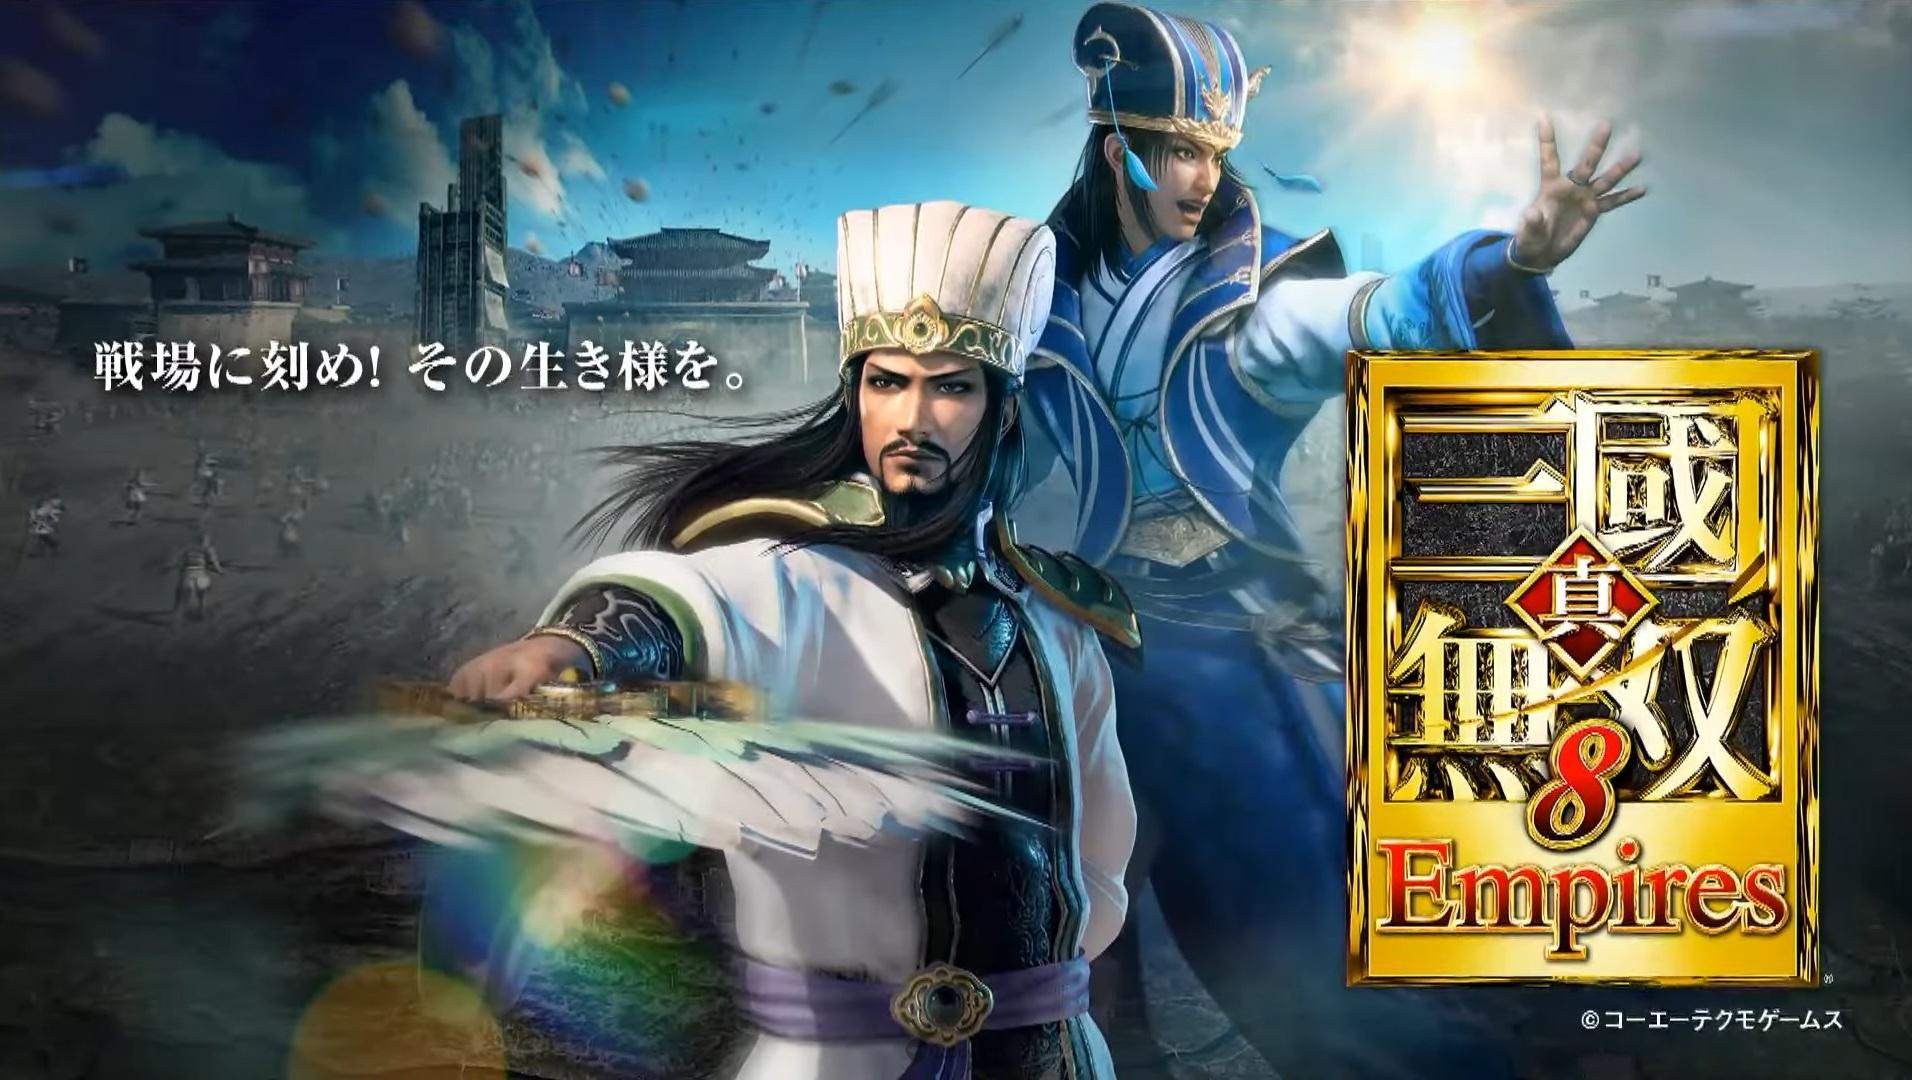 TGS2021:《真・三國無雙8 Empires》確定2021年12月23日發售 實機遊玩展示新戰鬥「攻城戰」與自創武將模式